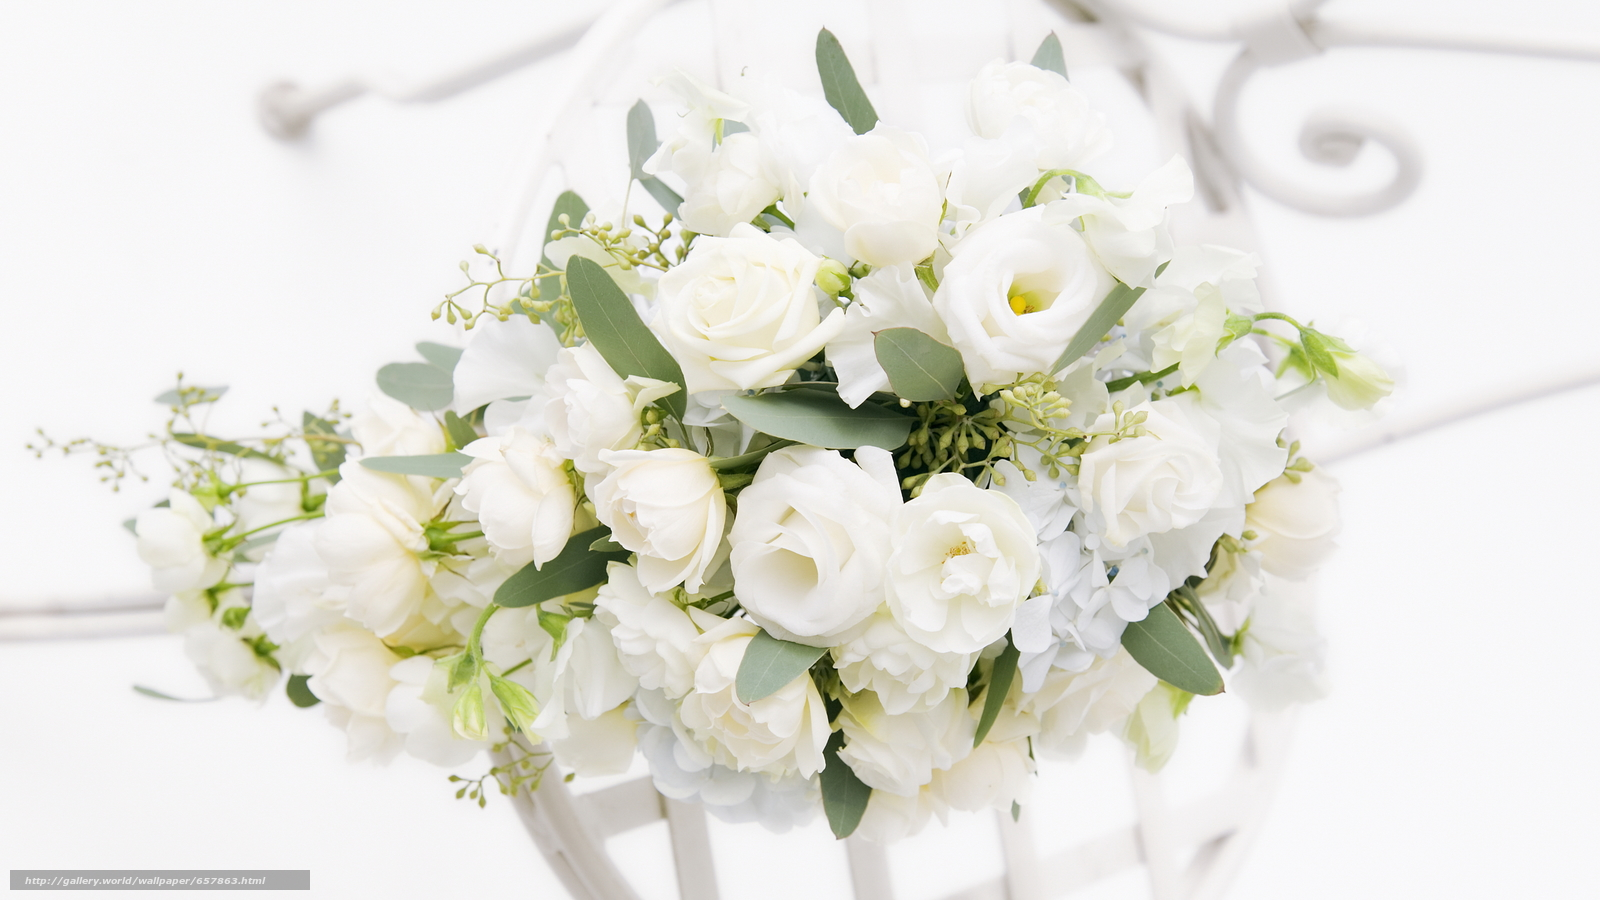 壁紙をダウンロード フラワーズ,  花,  ローズ,  バラ デスクトップの解像度のための無料壁紙 2950x1659 — 絵 №657863